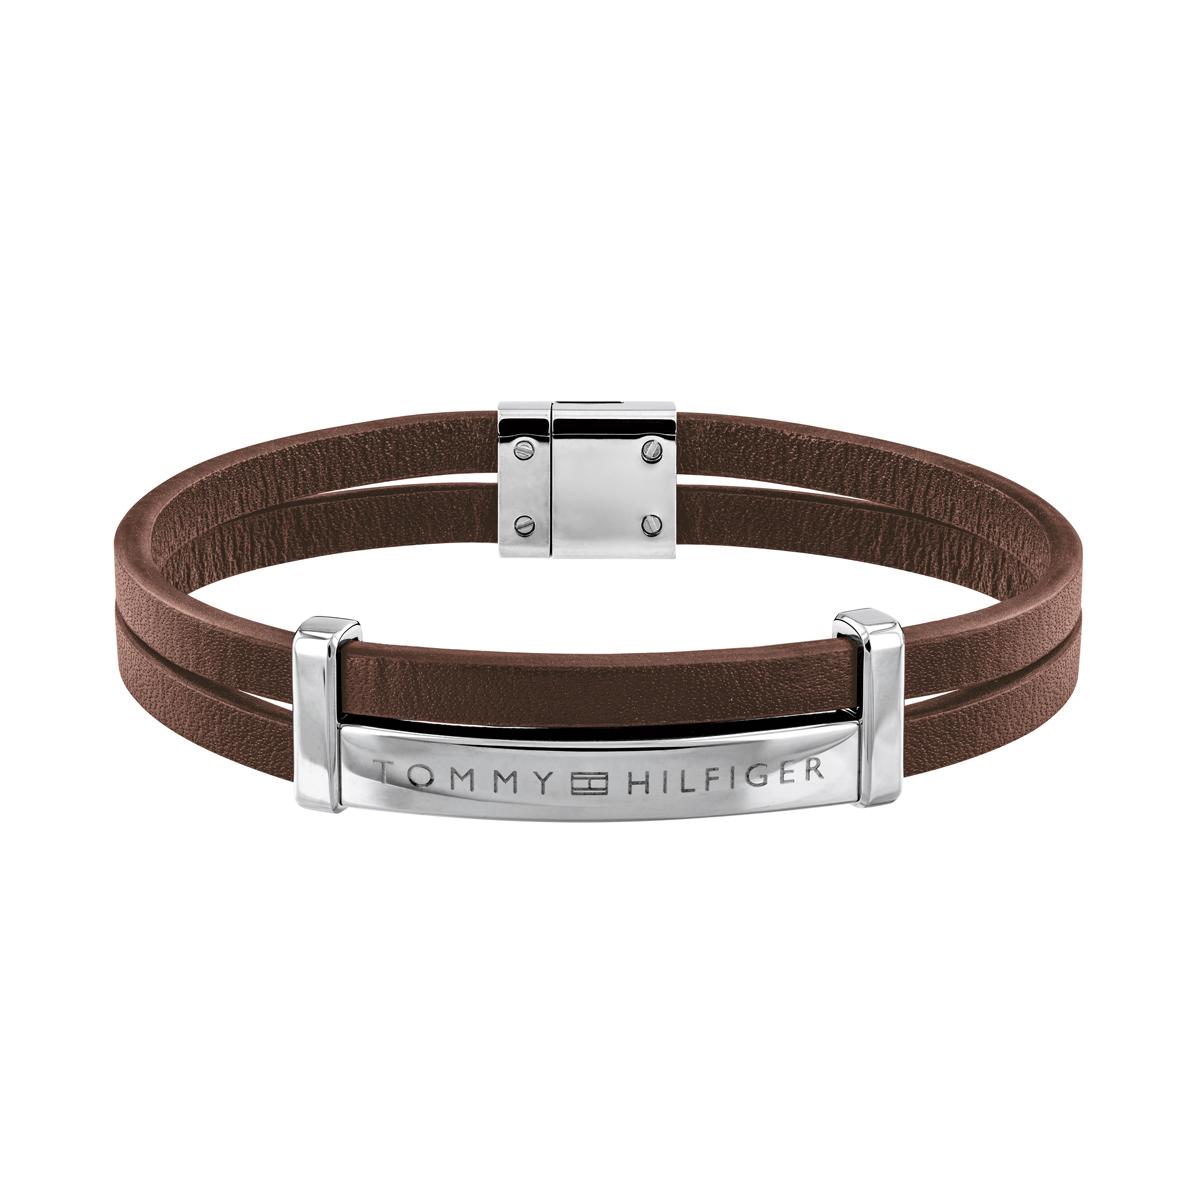 Bracelet TJ2790076 (Taille: 19 cm) - Tommy hilfiger - Modalova